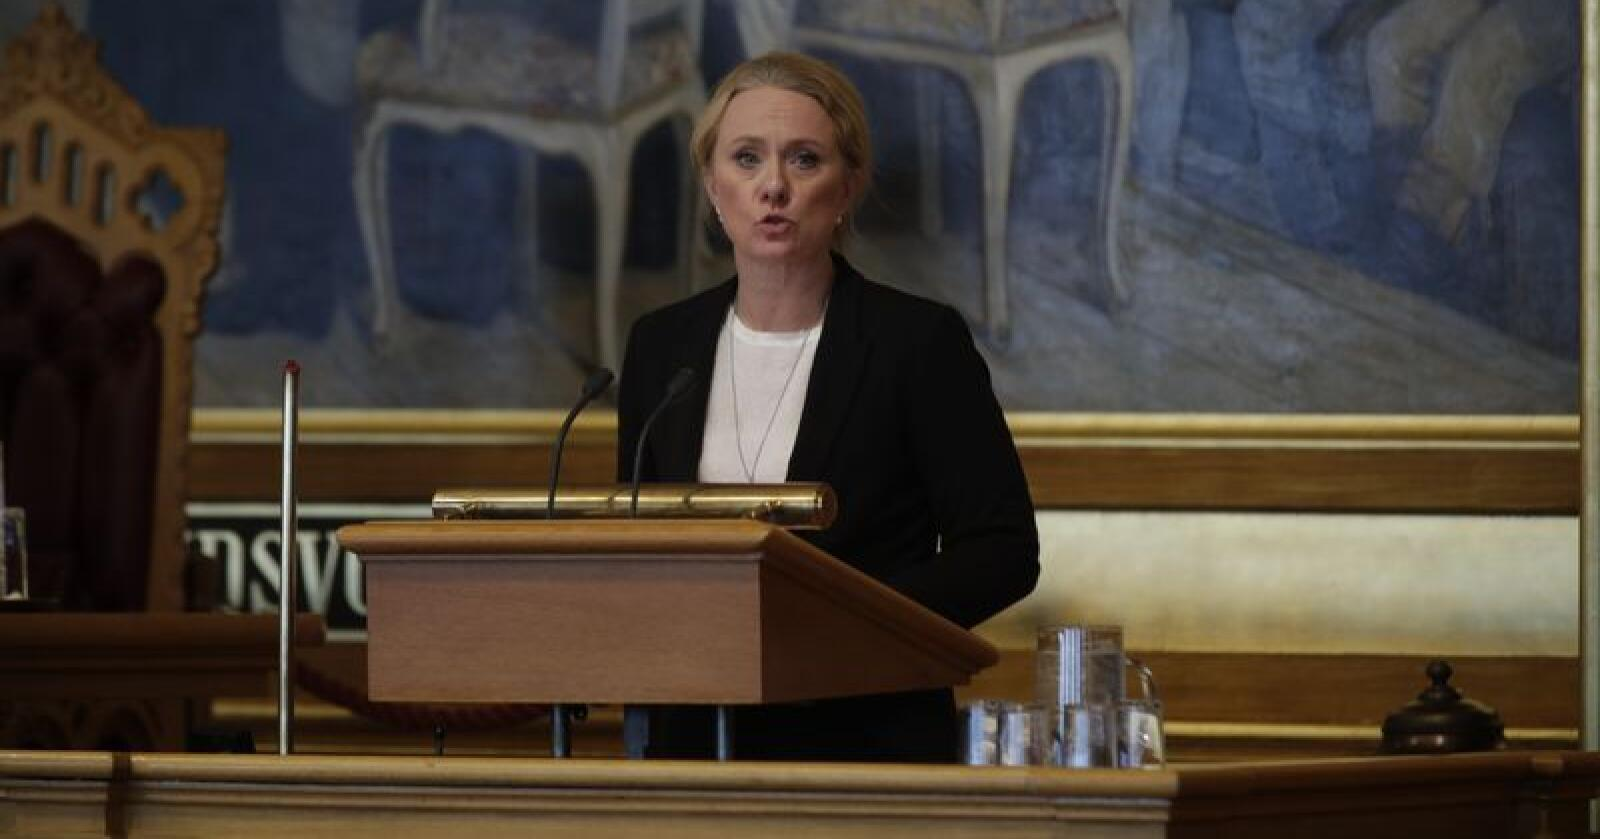 Arbeids- og sosialminister Anniken Hauglie (H) er tirsdag  i Stortinget for å redegjøre for Nav-sknadalen. Foto: Stian Lysberg Solum / NTB scanpix